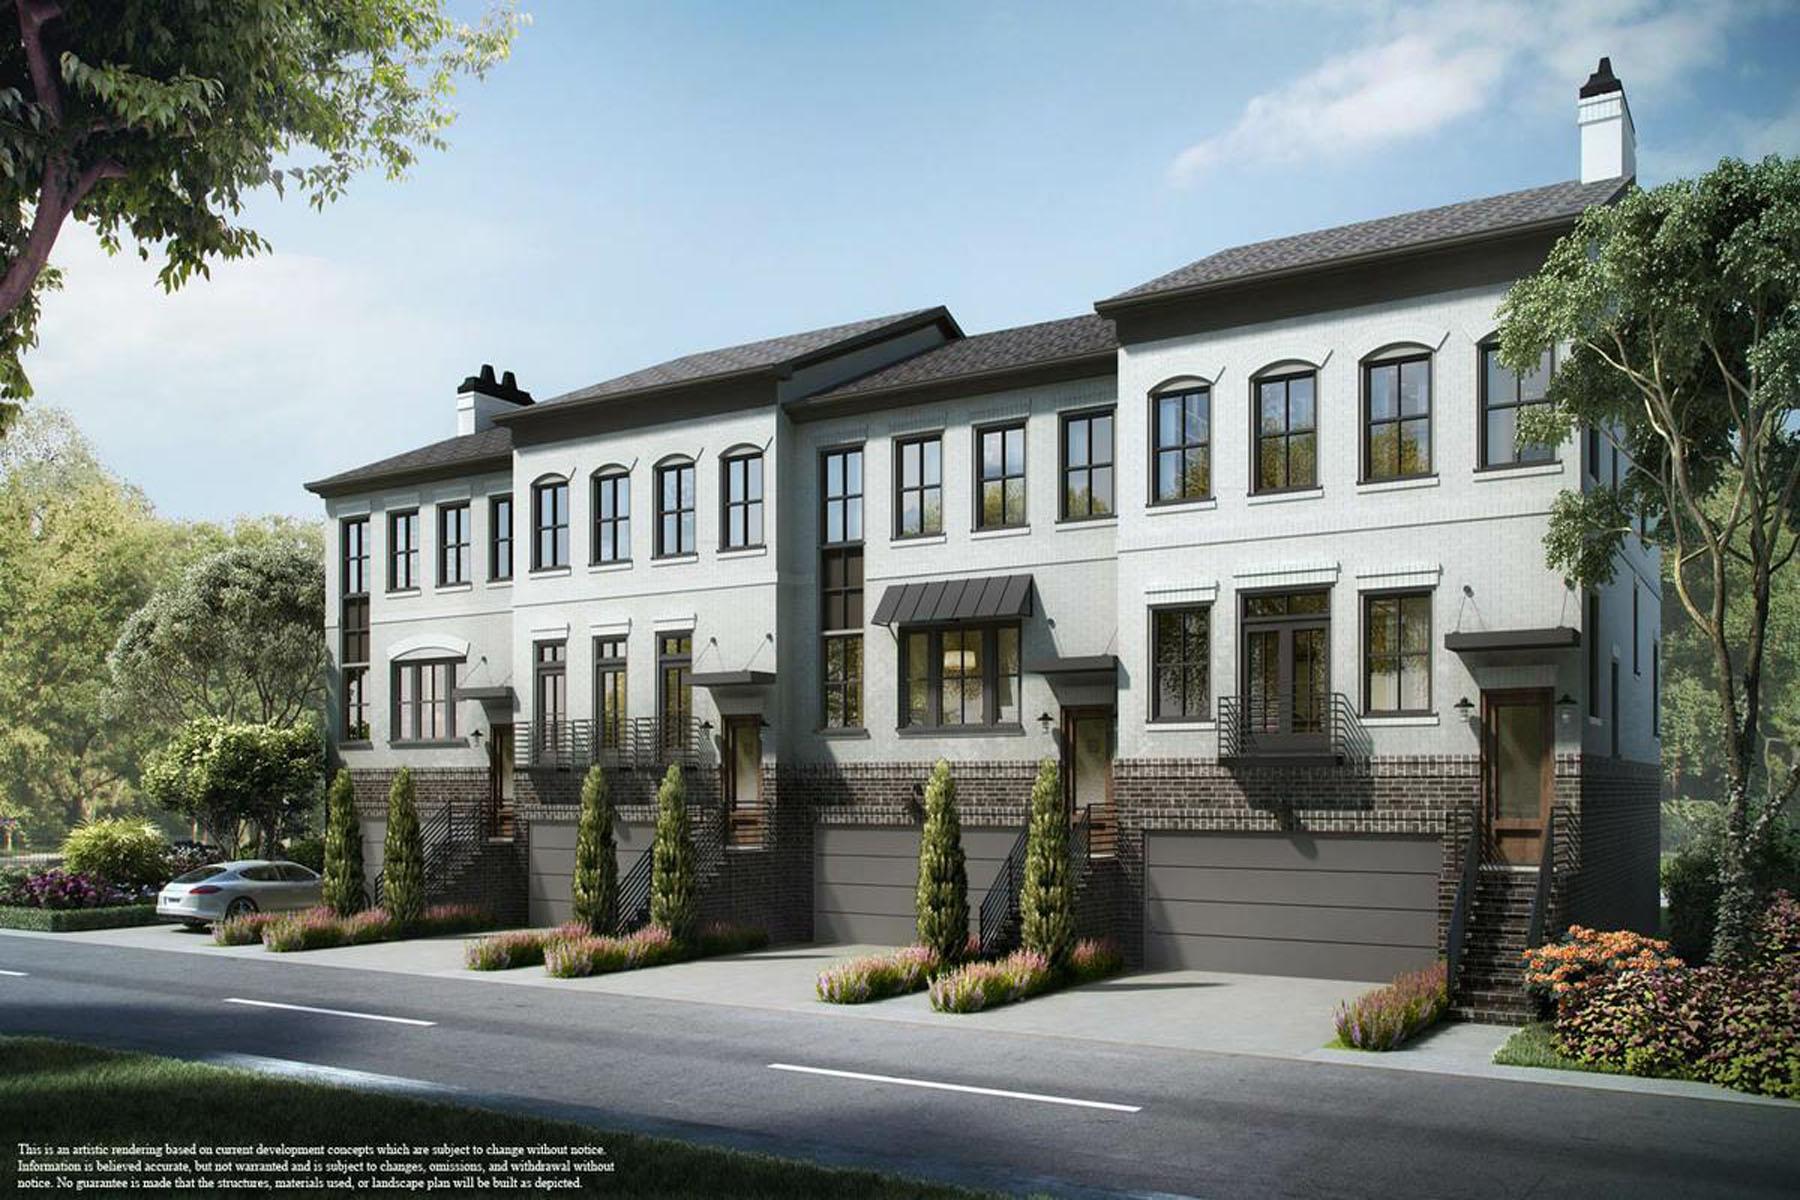 타운하우스 용 매매 에 Spacious, Sophisticated Townhomes in the Heart of Edgewood 1388 La France Street Lot #10 Atlanta, 조지아, 30307 미국